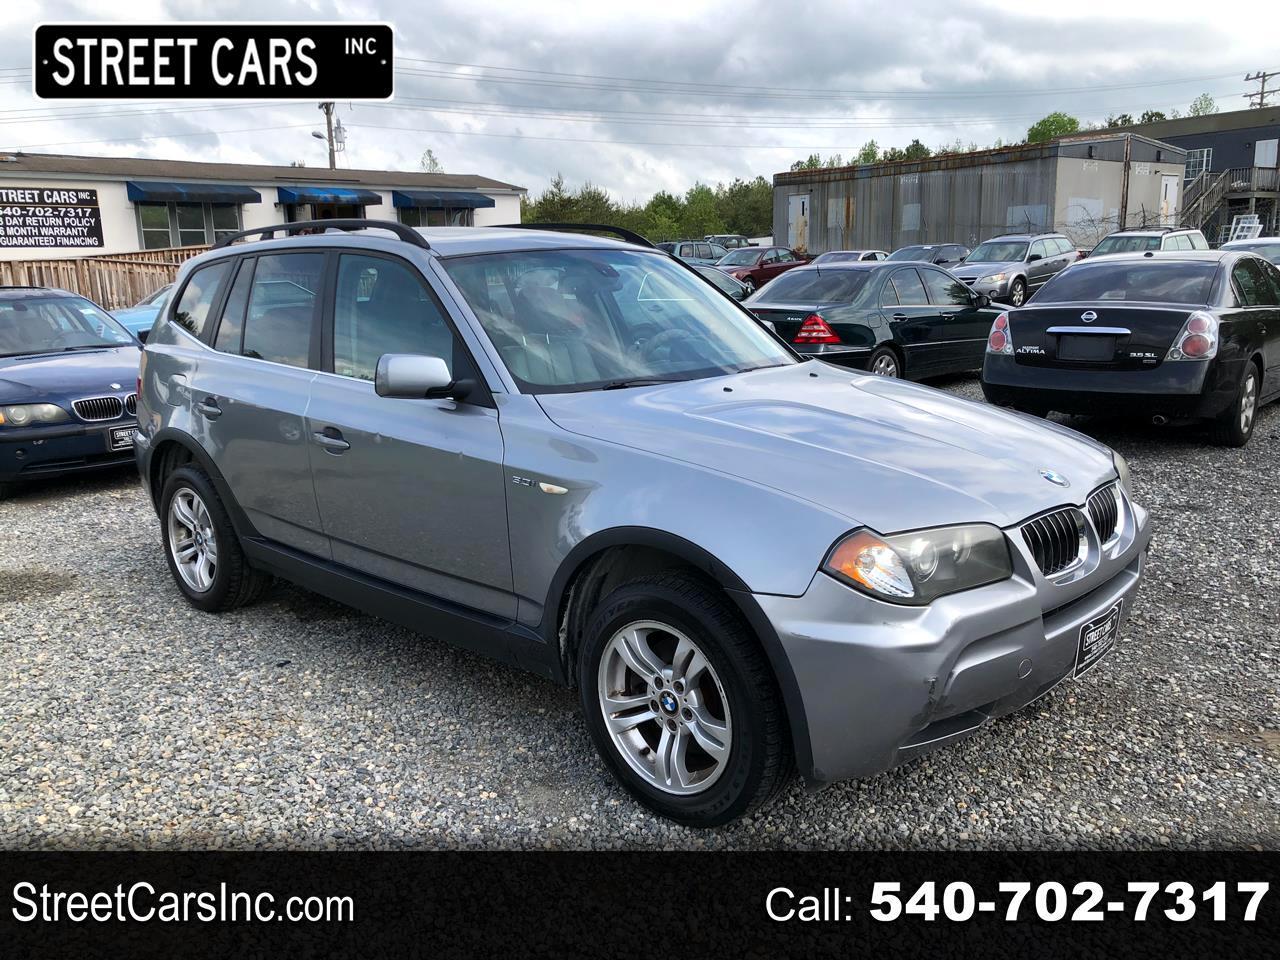 BMW X3 X3 4dr AWD 3.0i 2006